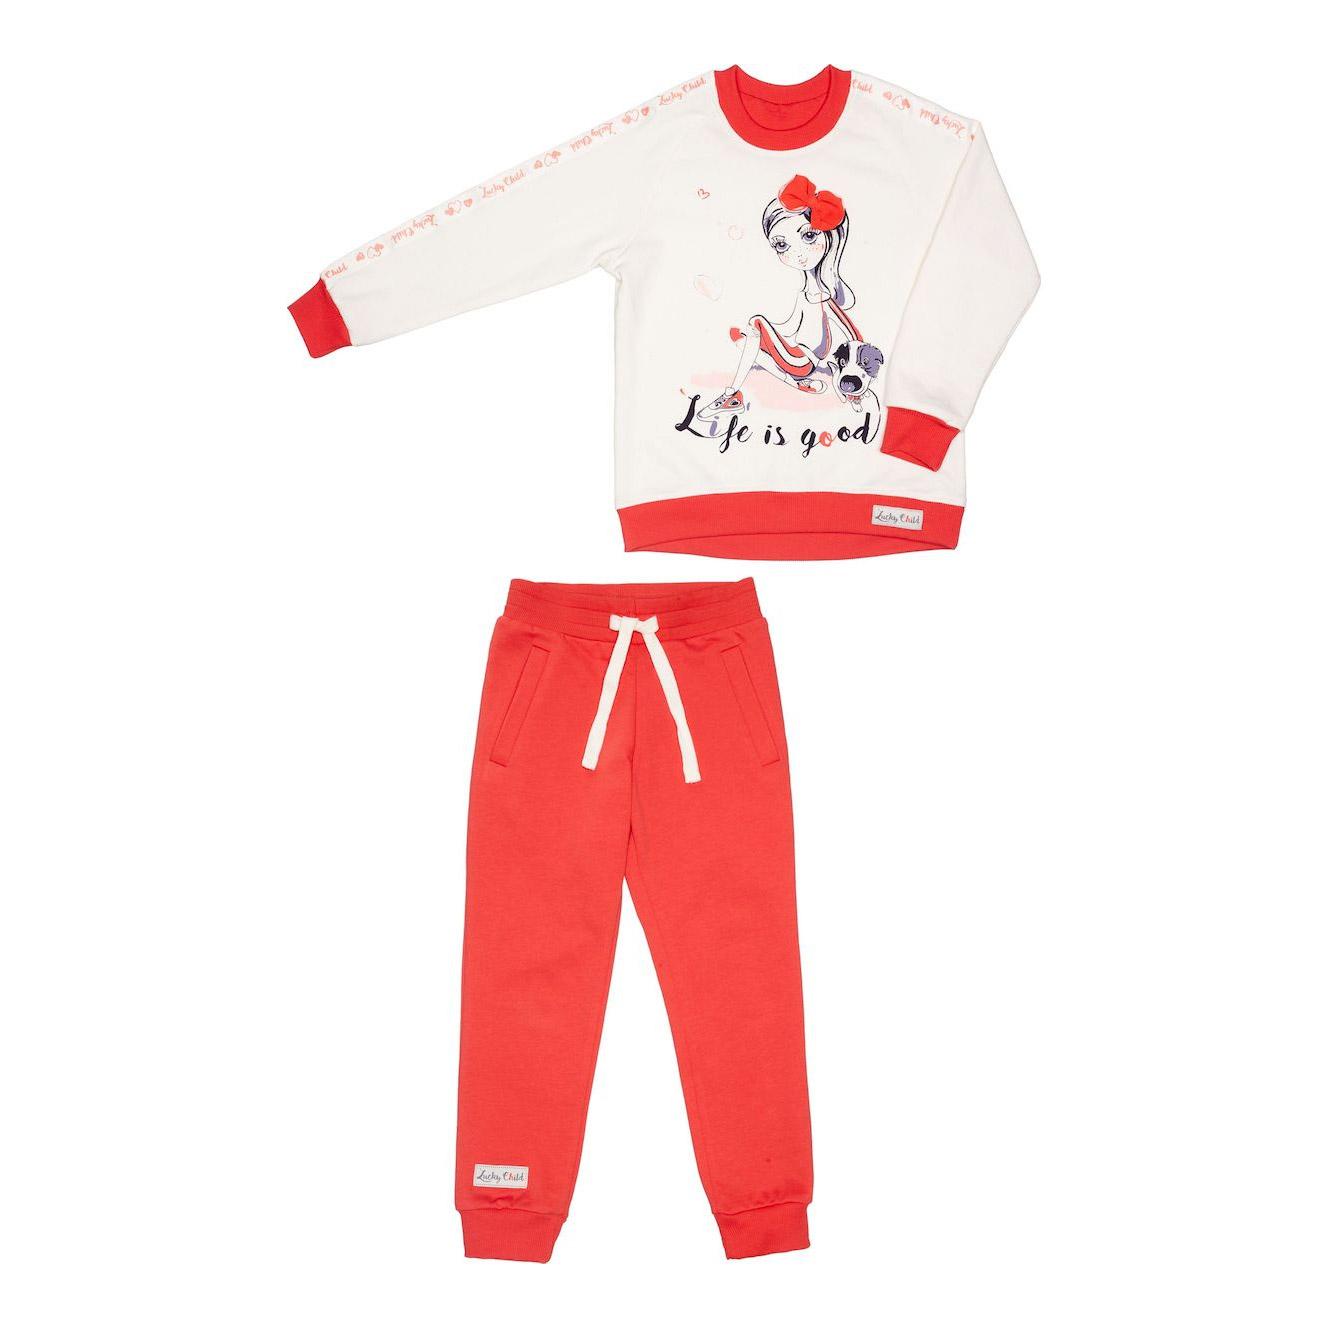 Купить Спортивный костюм Lucky Child: толстовка и брюки коралл/молочный 98-104, Молочный, Коралловый, Футер, Для девочек, Весна-Лето,